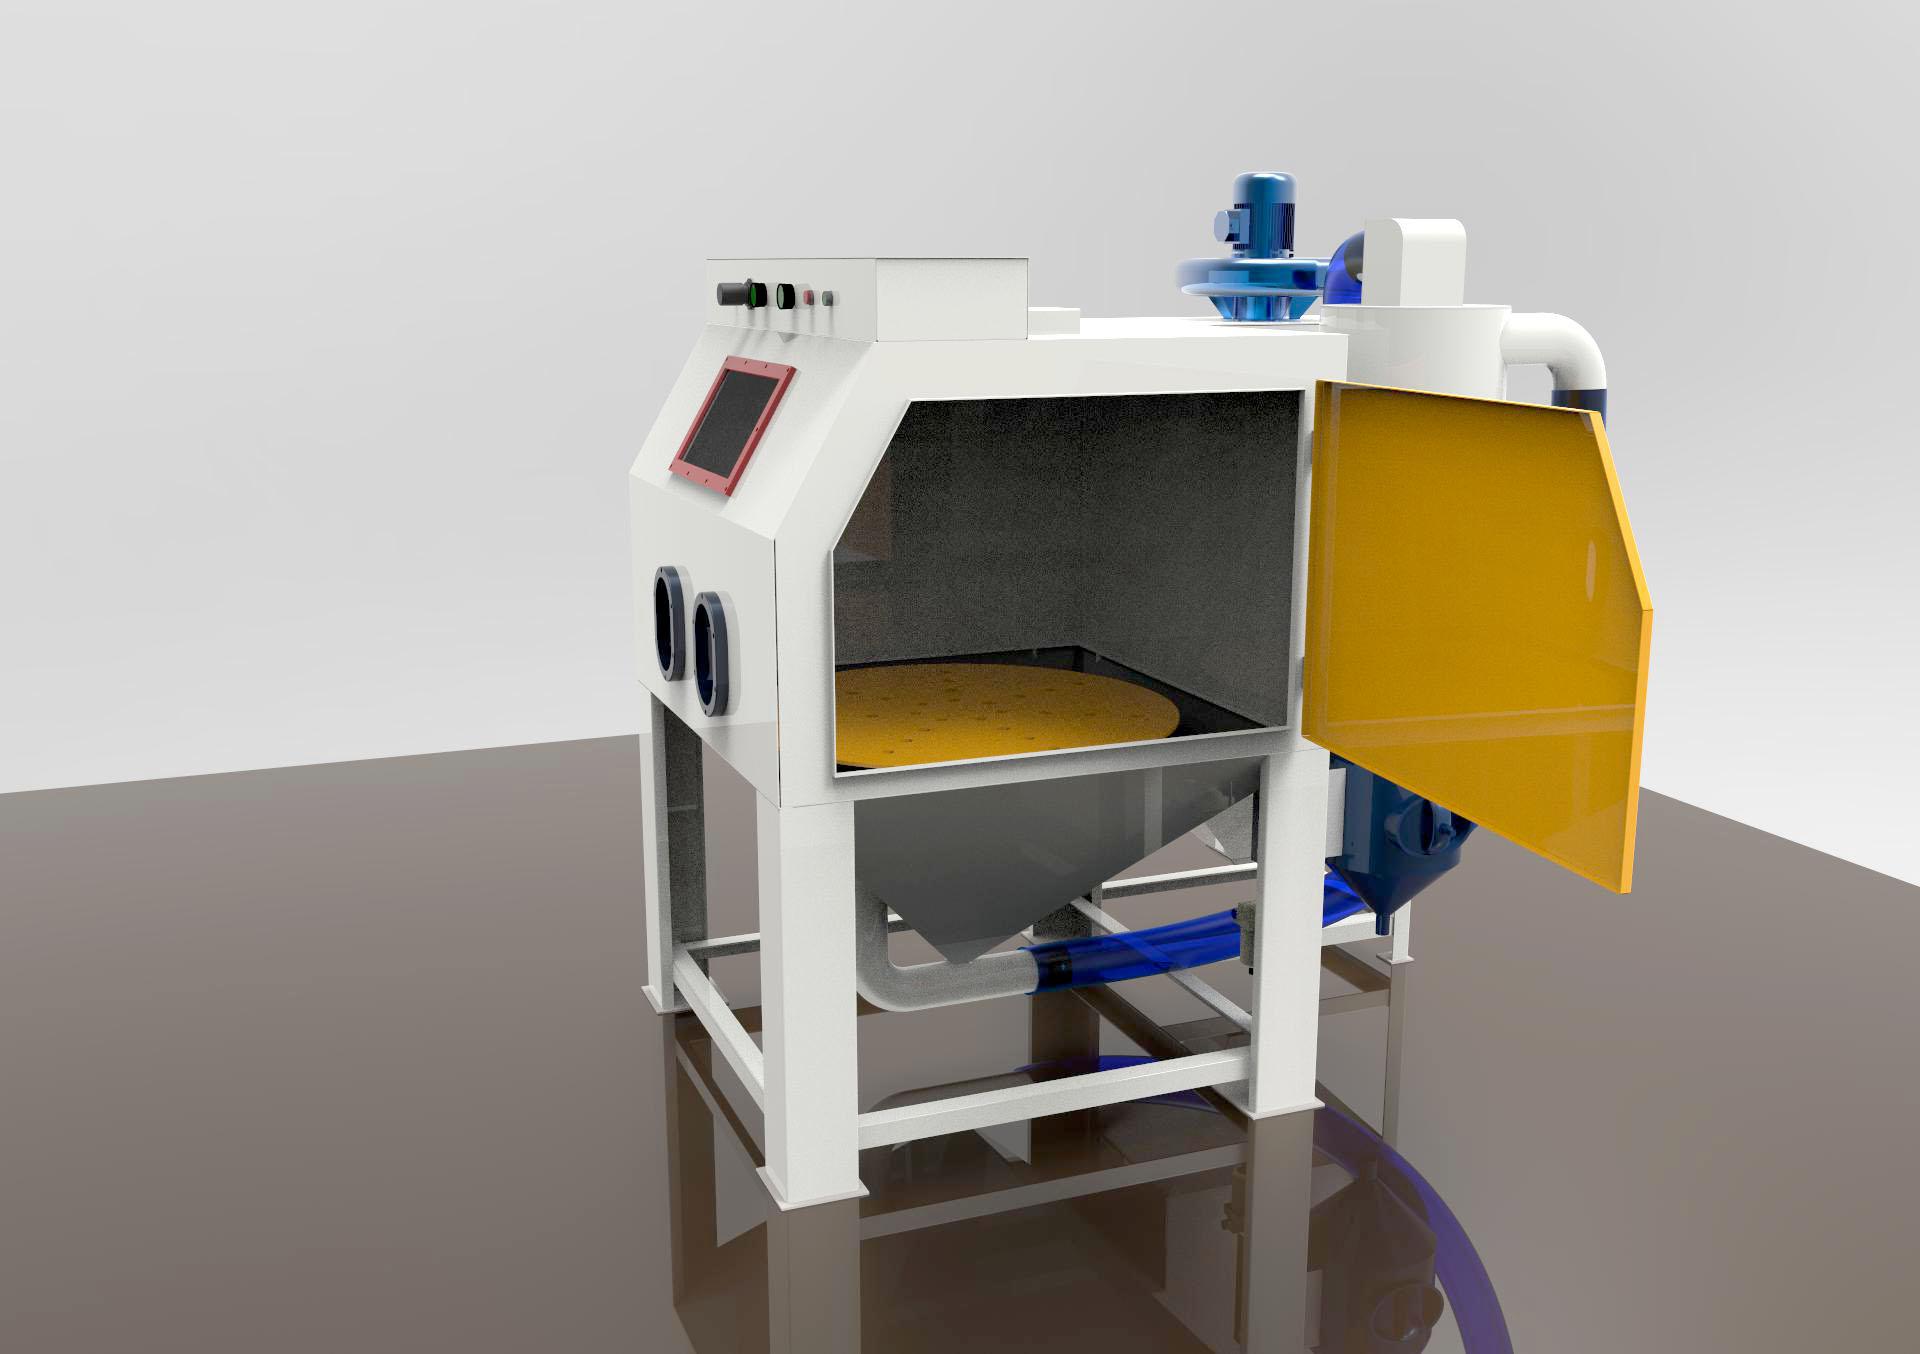 泰盛吉喷砂机、喷砂机械、环保设备、加盟、招商喷砂机系列